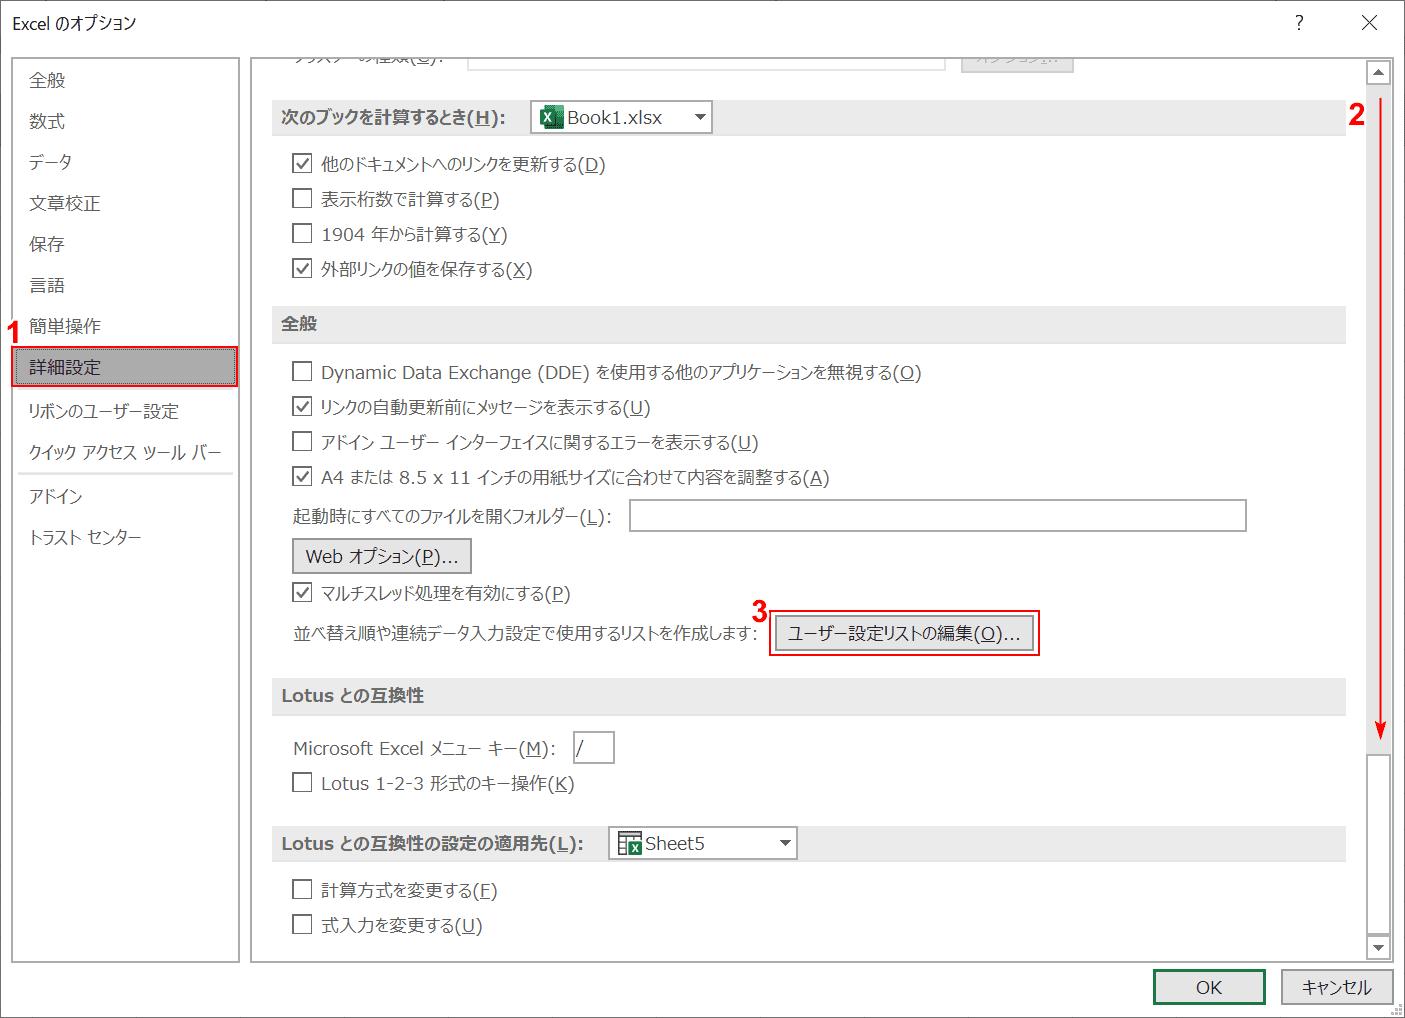 ユーザー設定リストの編集